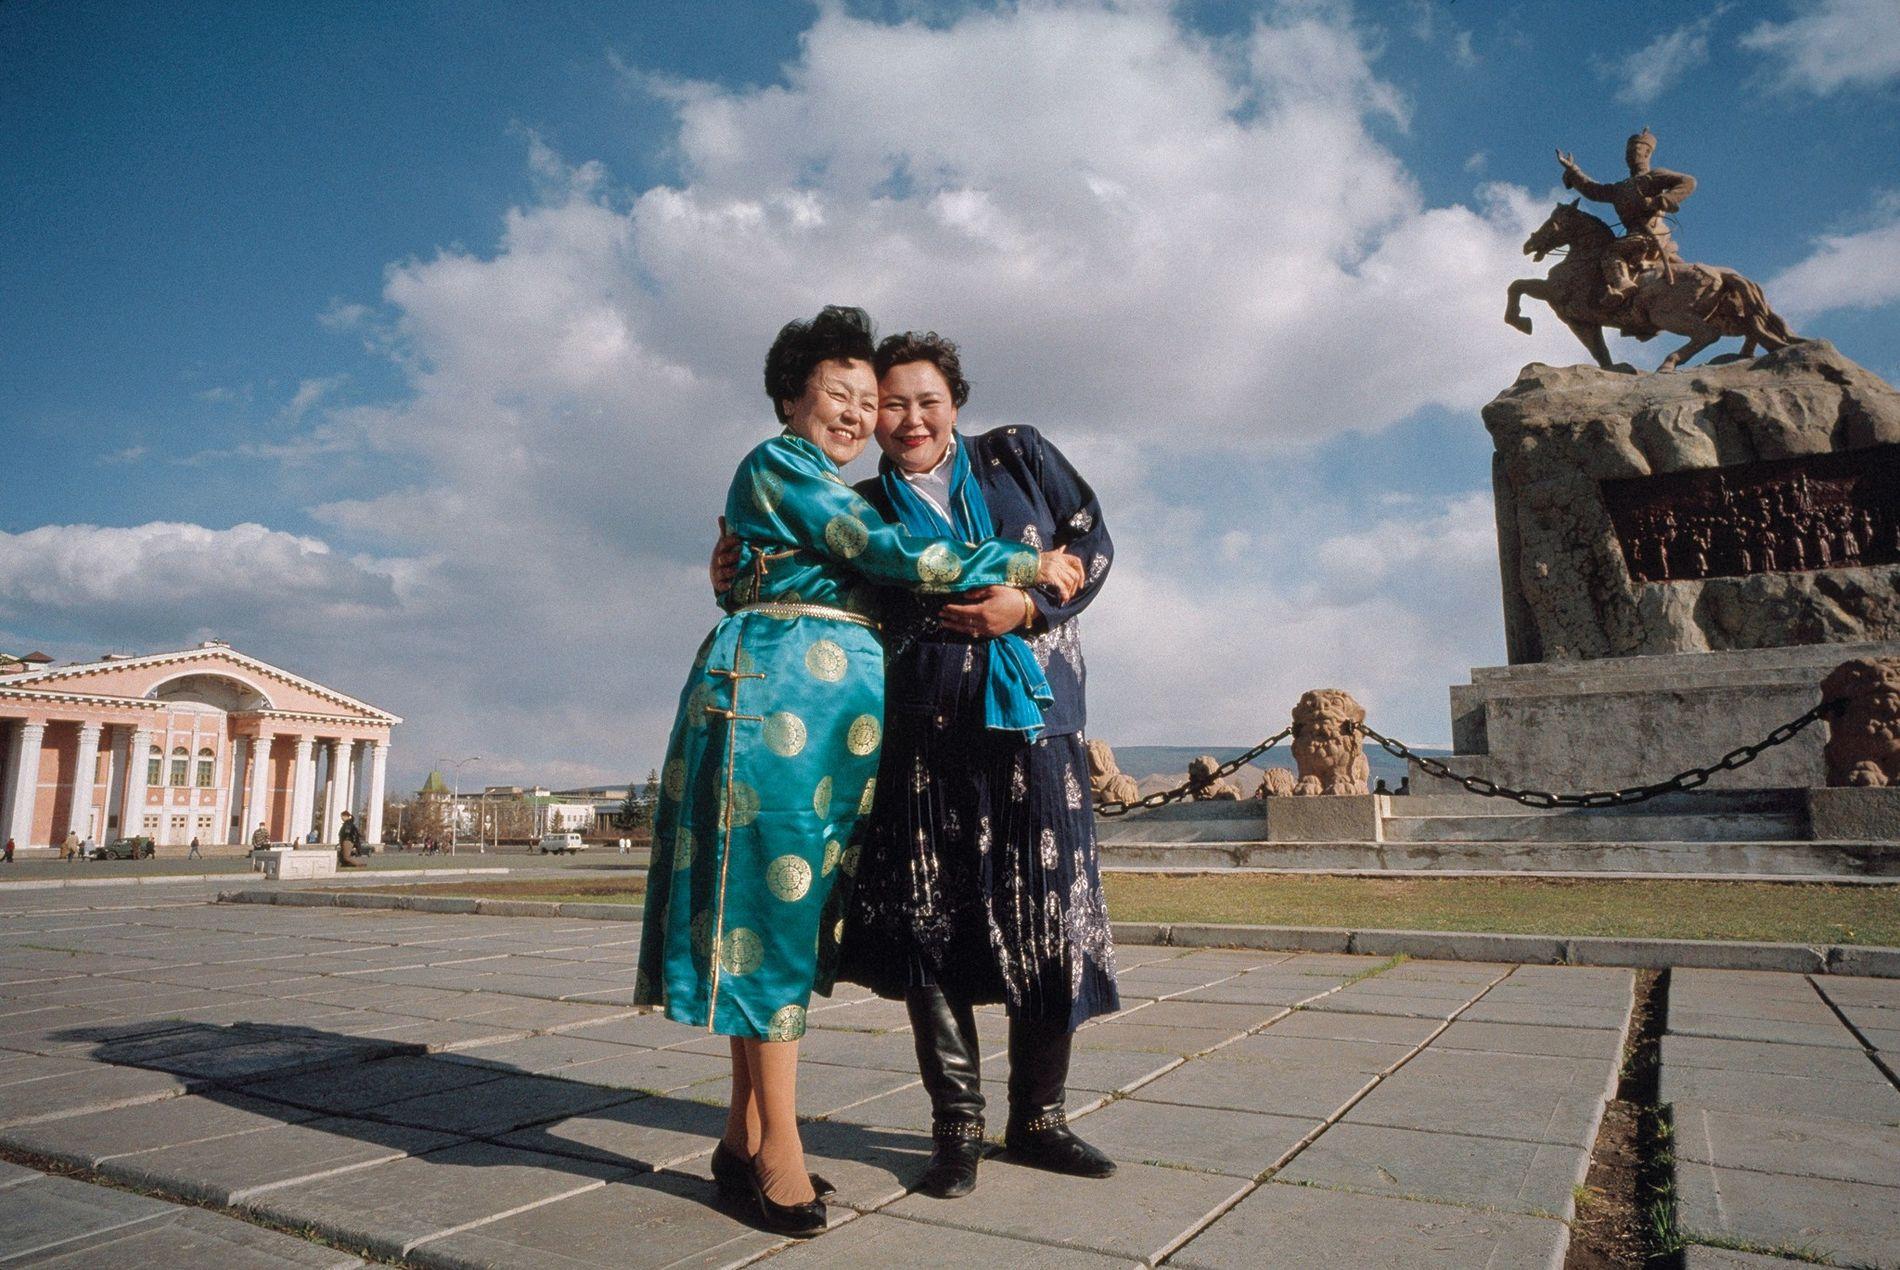 2007, MONGOLIAUna farmacéutica (derecha) sonríe tras haber conocido a su heroína, una actriz muy admirada, en ...